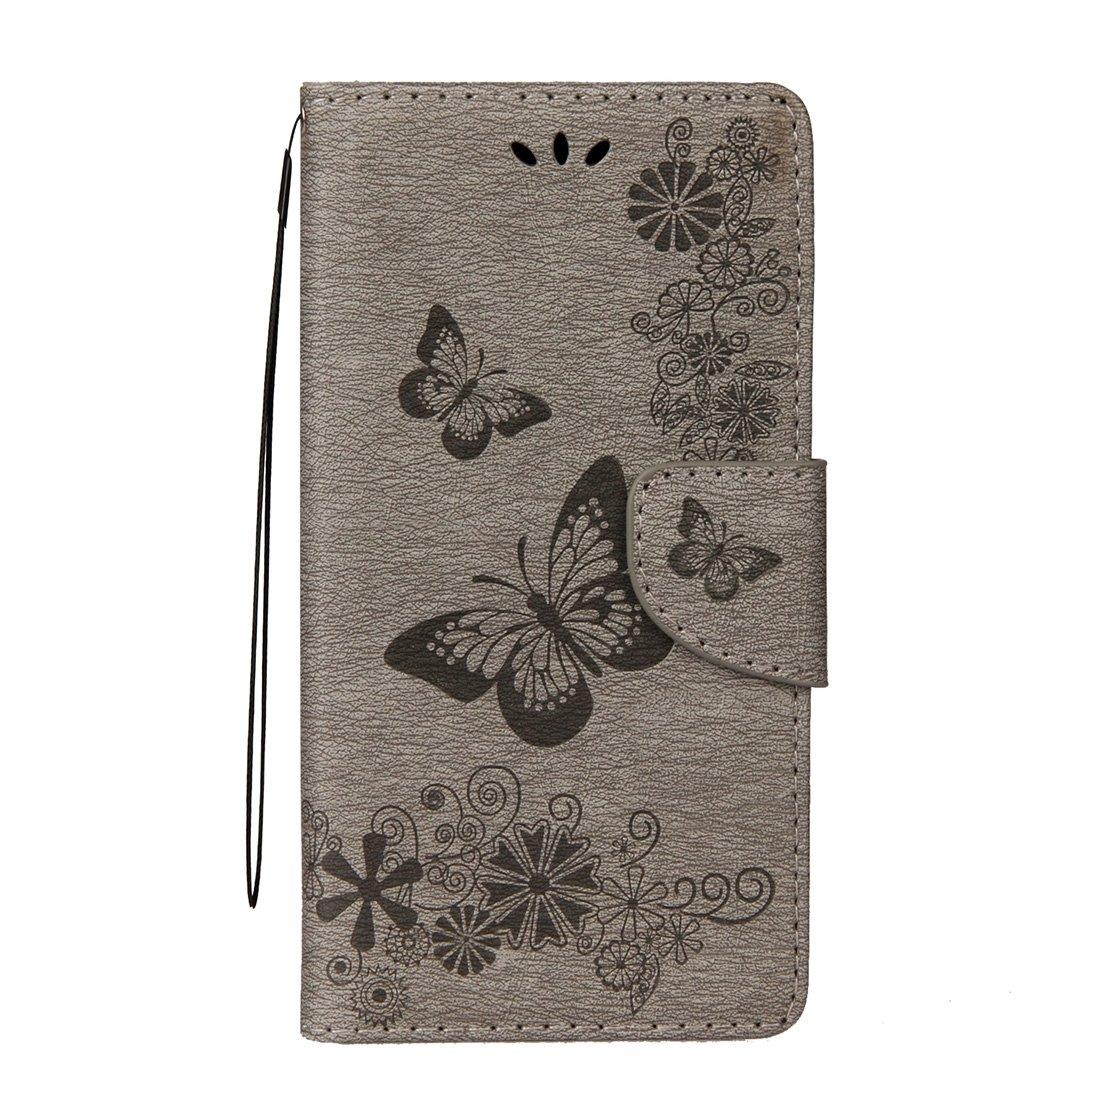 Xinanlongjb para Samsung Galaxy J7 Versi/ón de la UE 2017 Flores prensadas Patr/ón de Mariposa Funda de Cuero con Tapa Horizontal con Soporte y Ranuras para Tarjetas /& Monedero y cord/ón